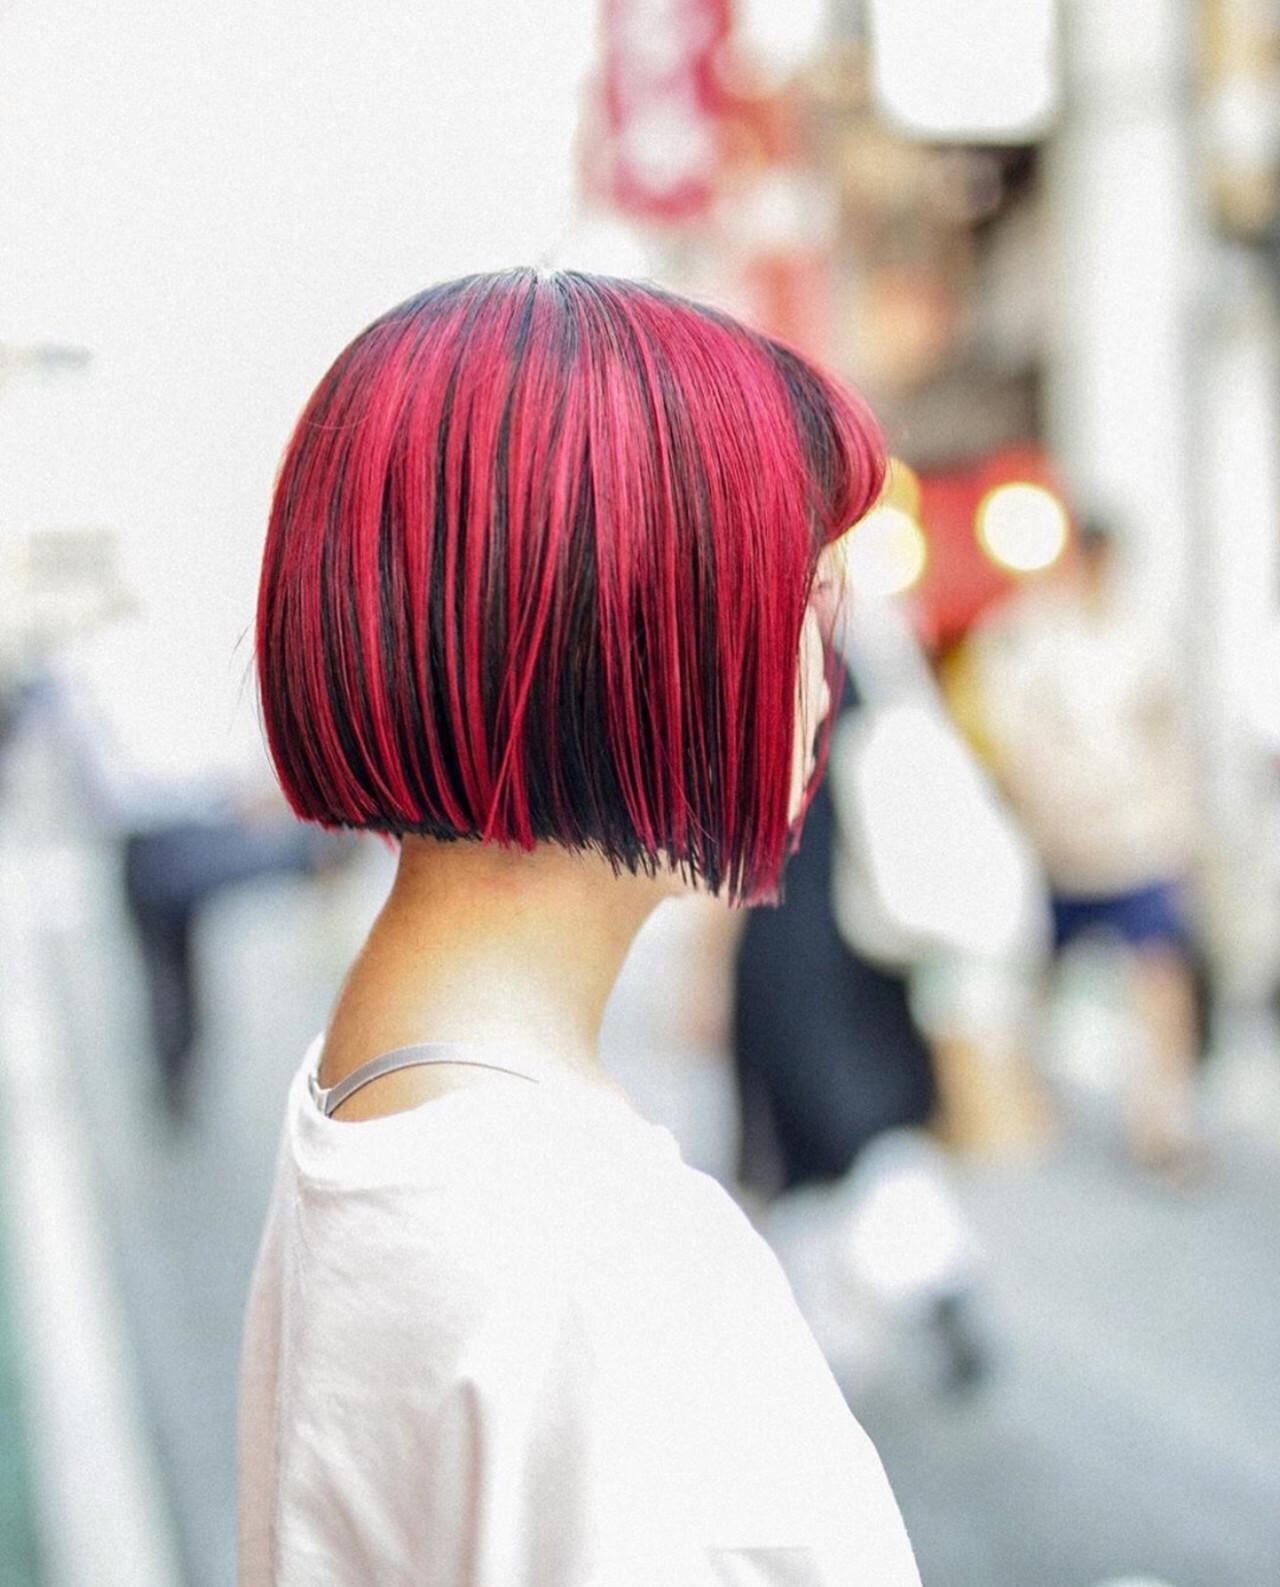 ブリーチ必須 ガーリー ボブ ブリーチオンカラー ヘアスタイルや髪型の写真・画像